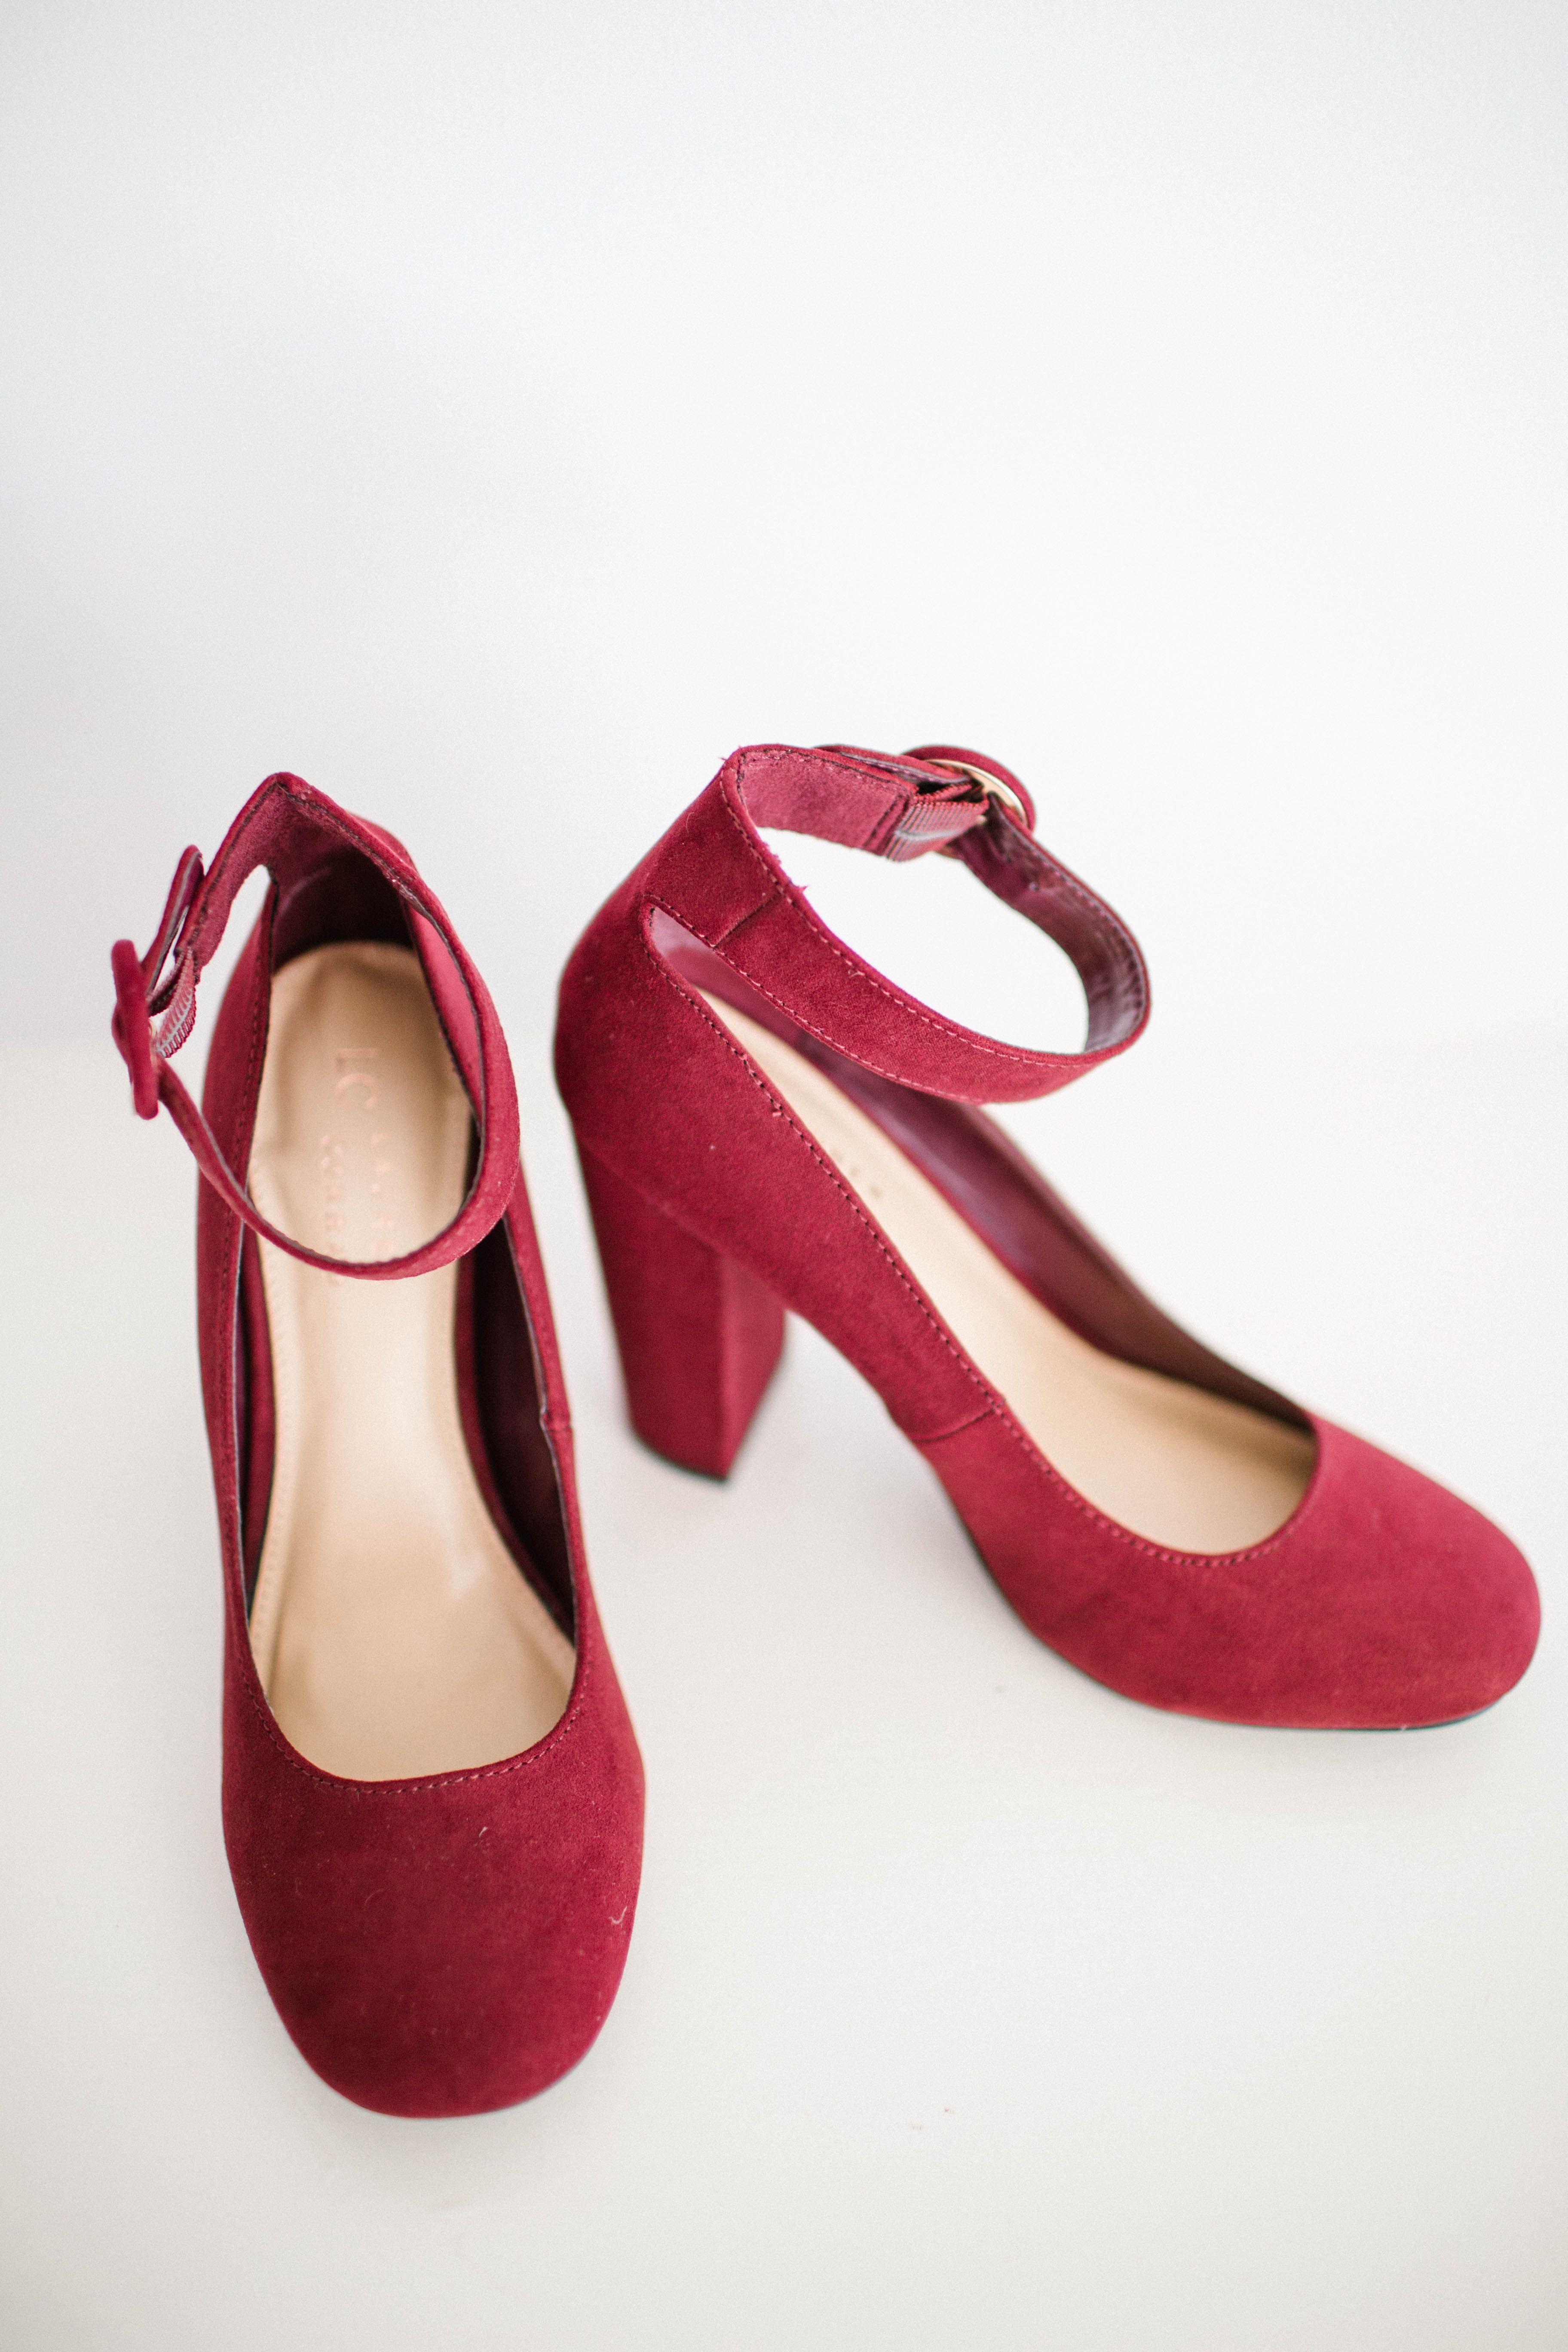 b046fd51e69 LC Lauren Conrad Crocus Women s High Heels